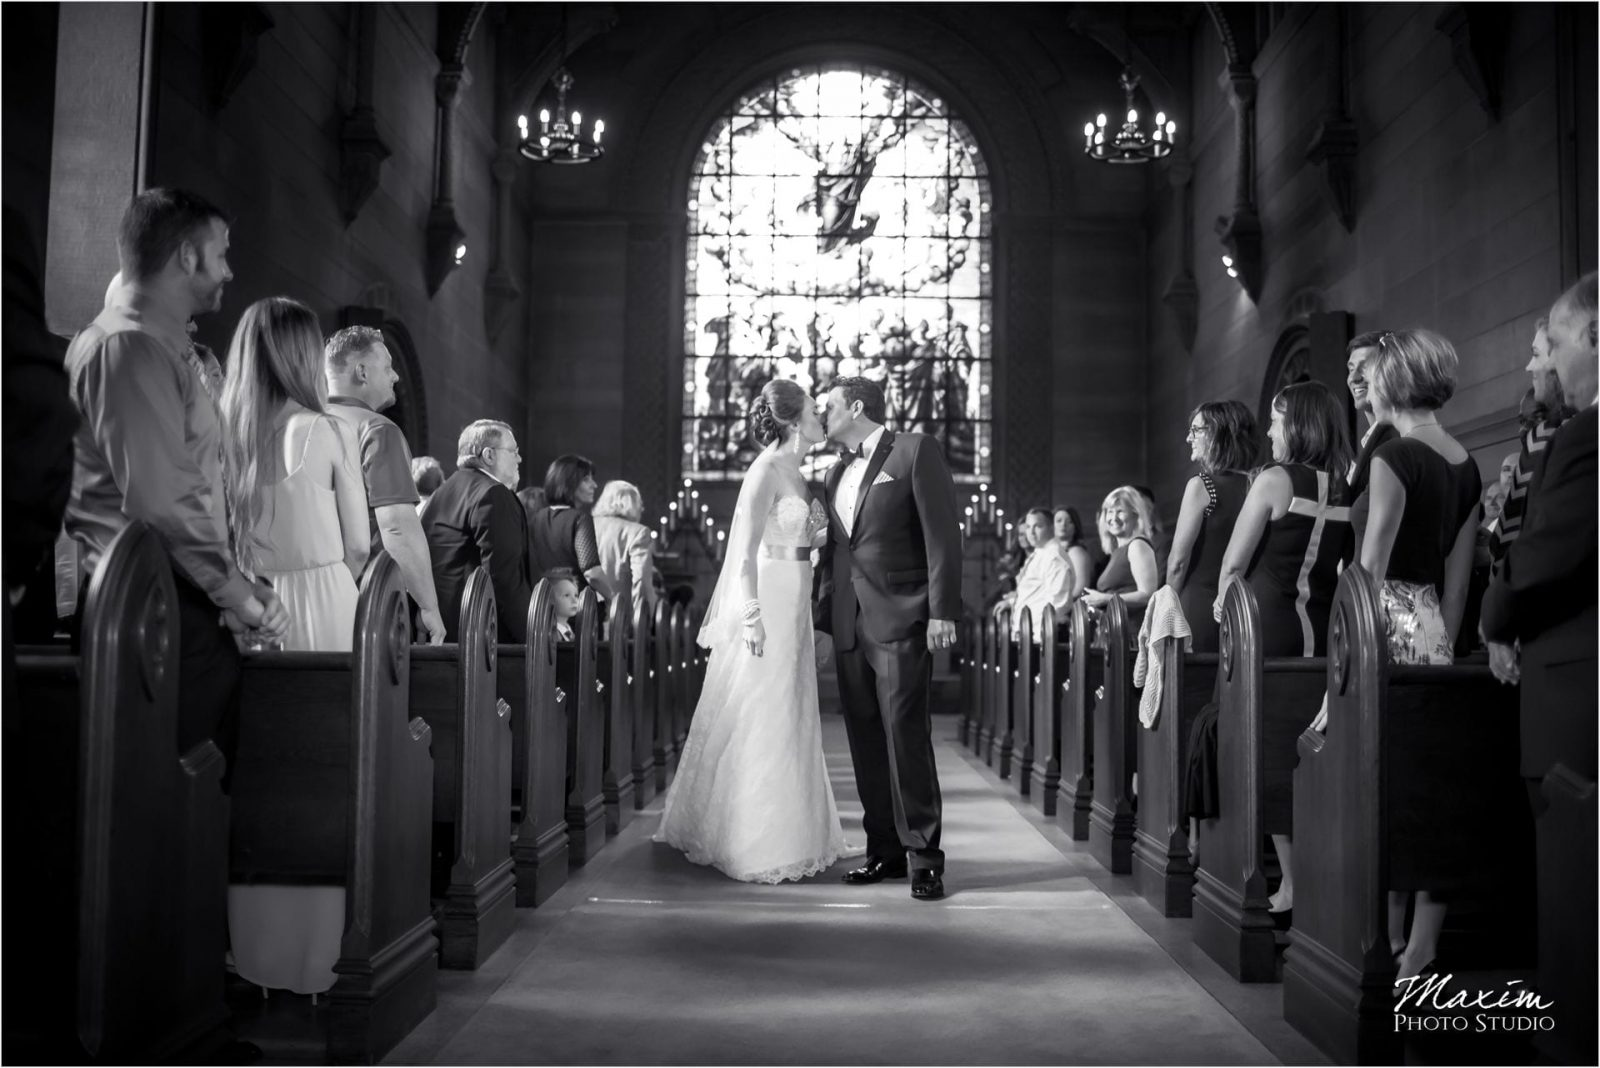 Norman Chapel, Cincinnati Best Wedding Photography